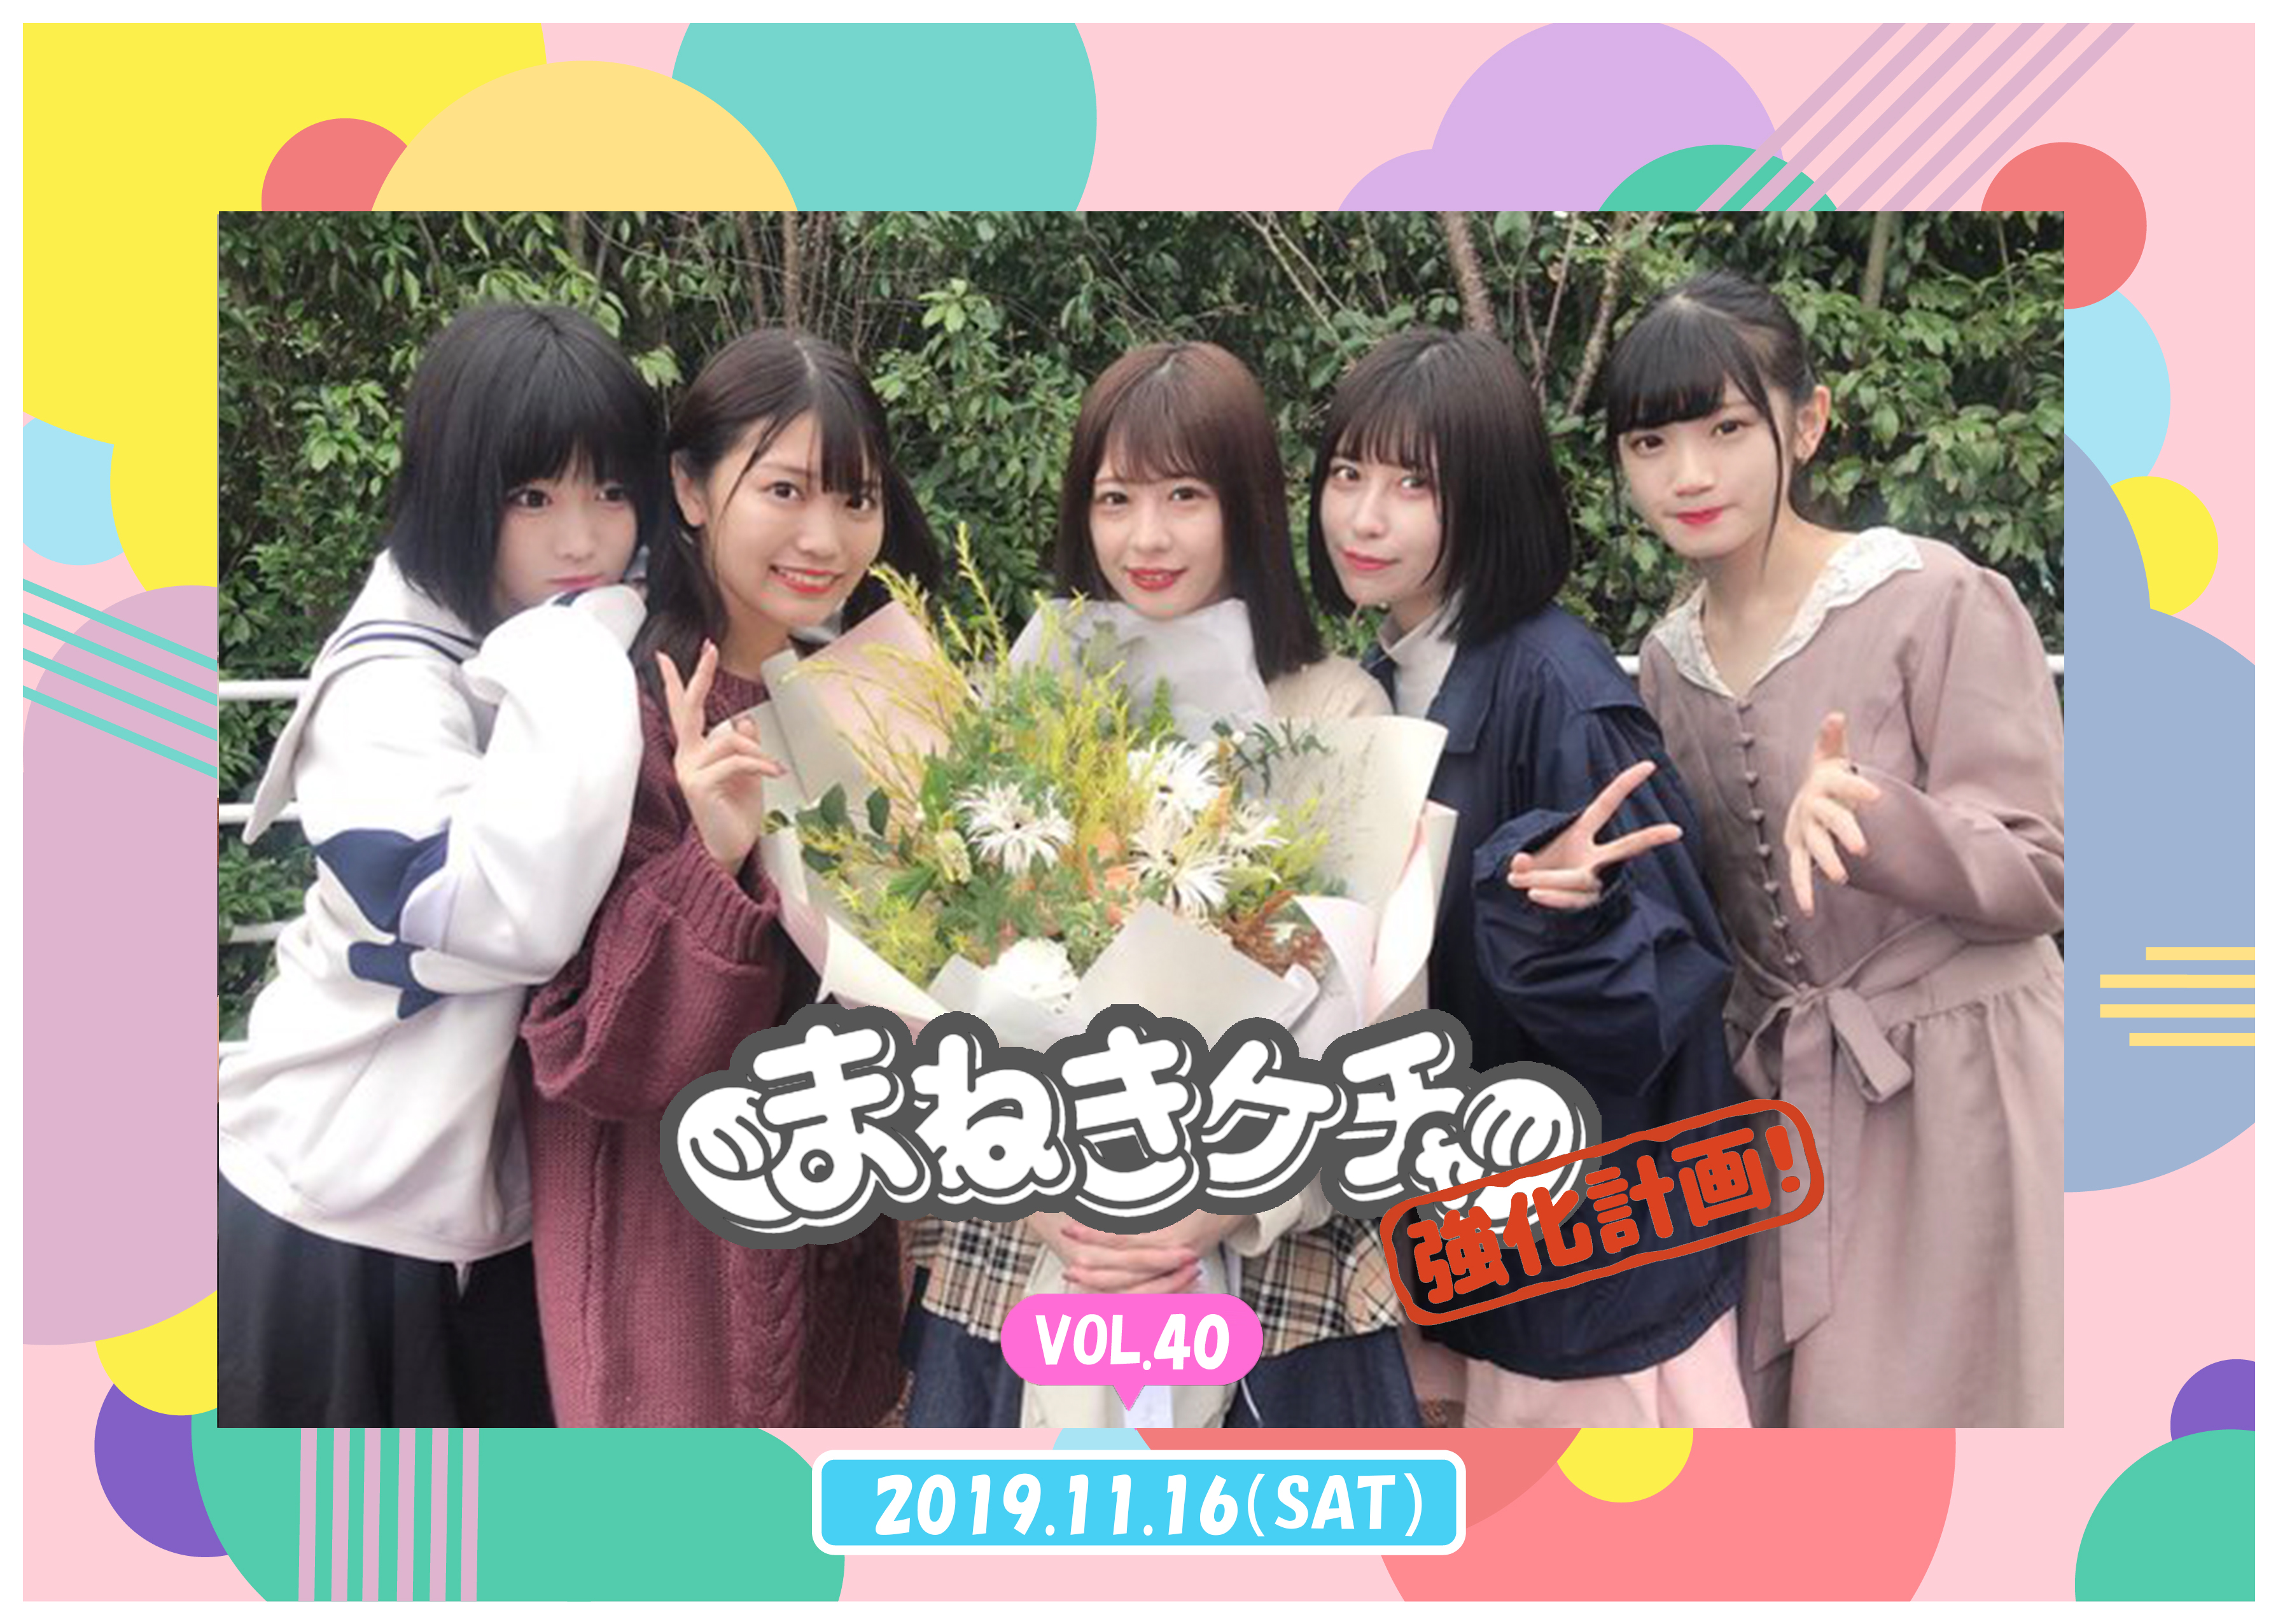 11月16日(土) 『まねきケチャ強化計画 vol.40』